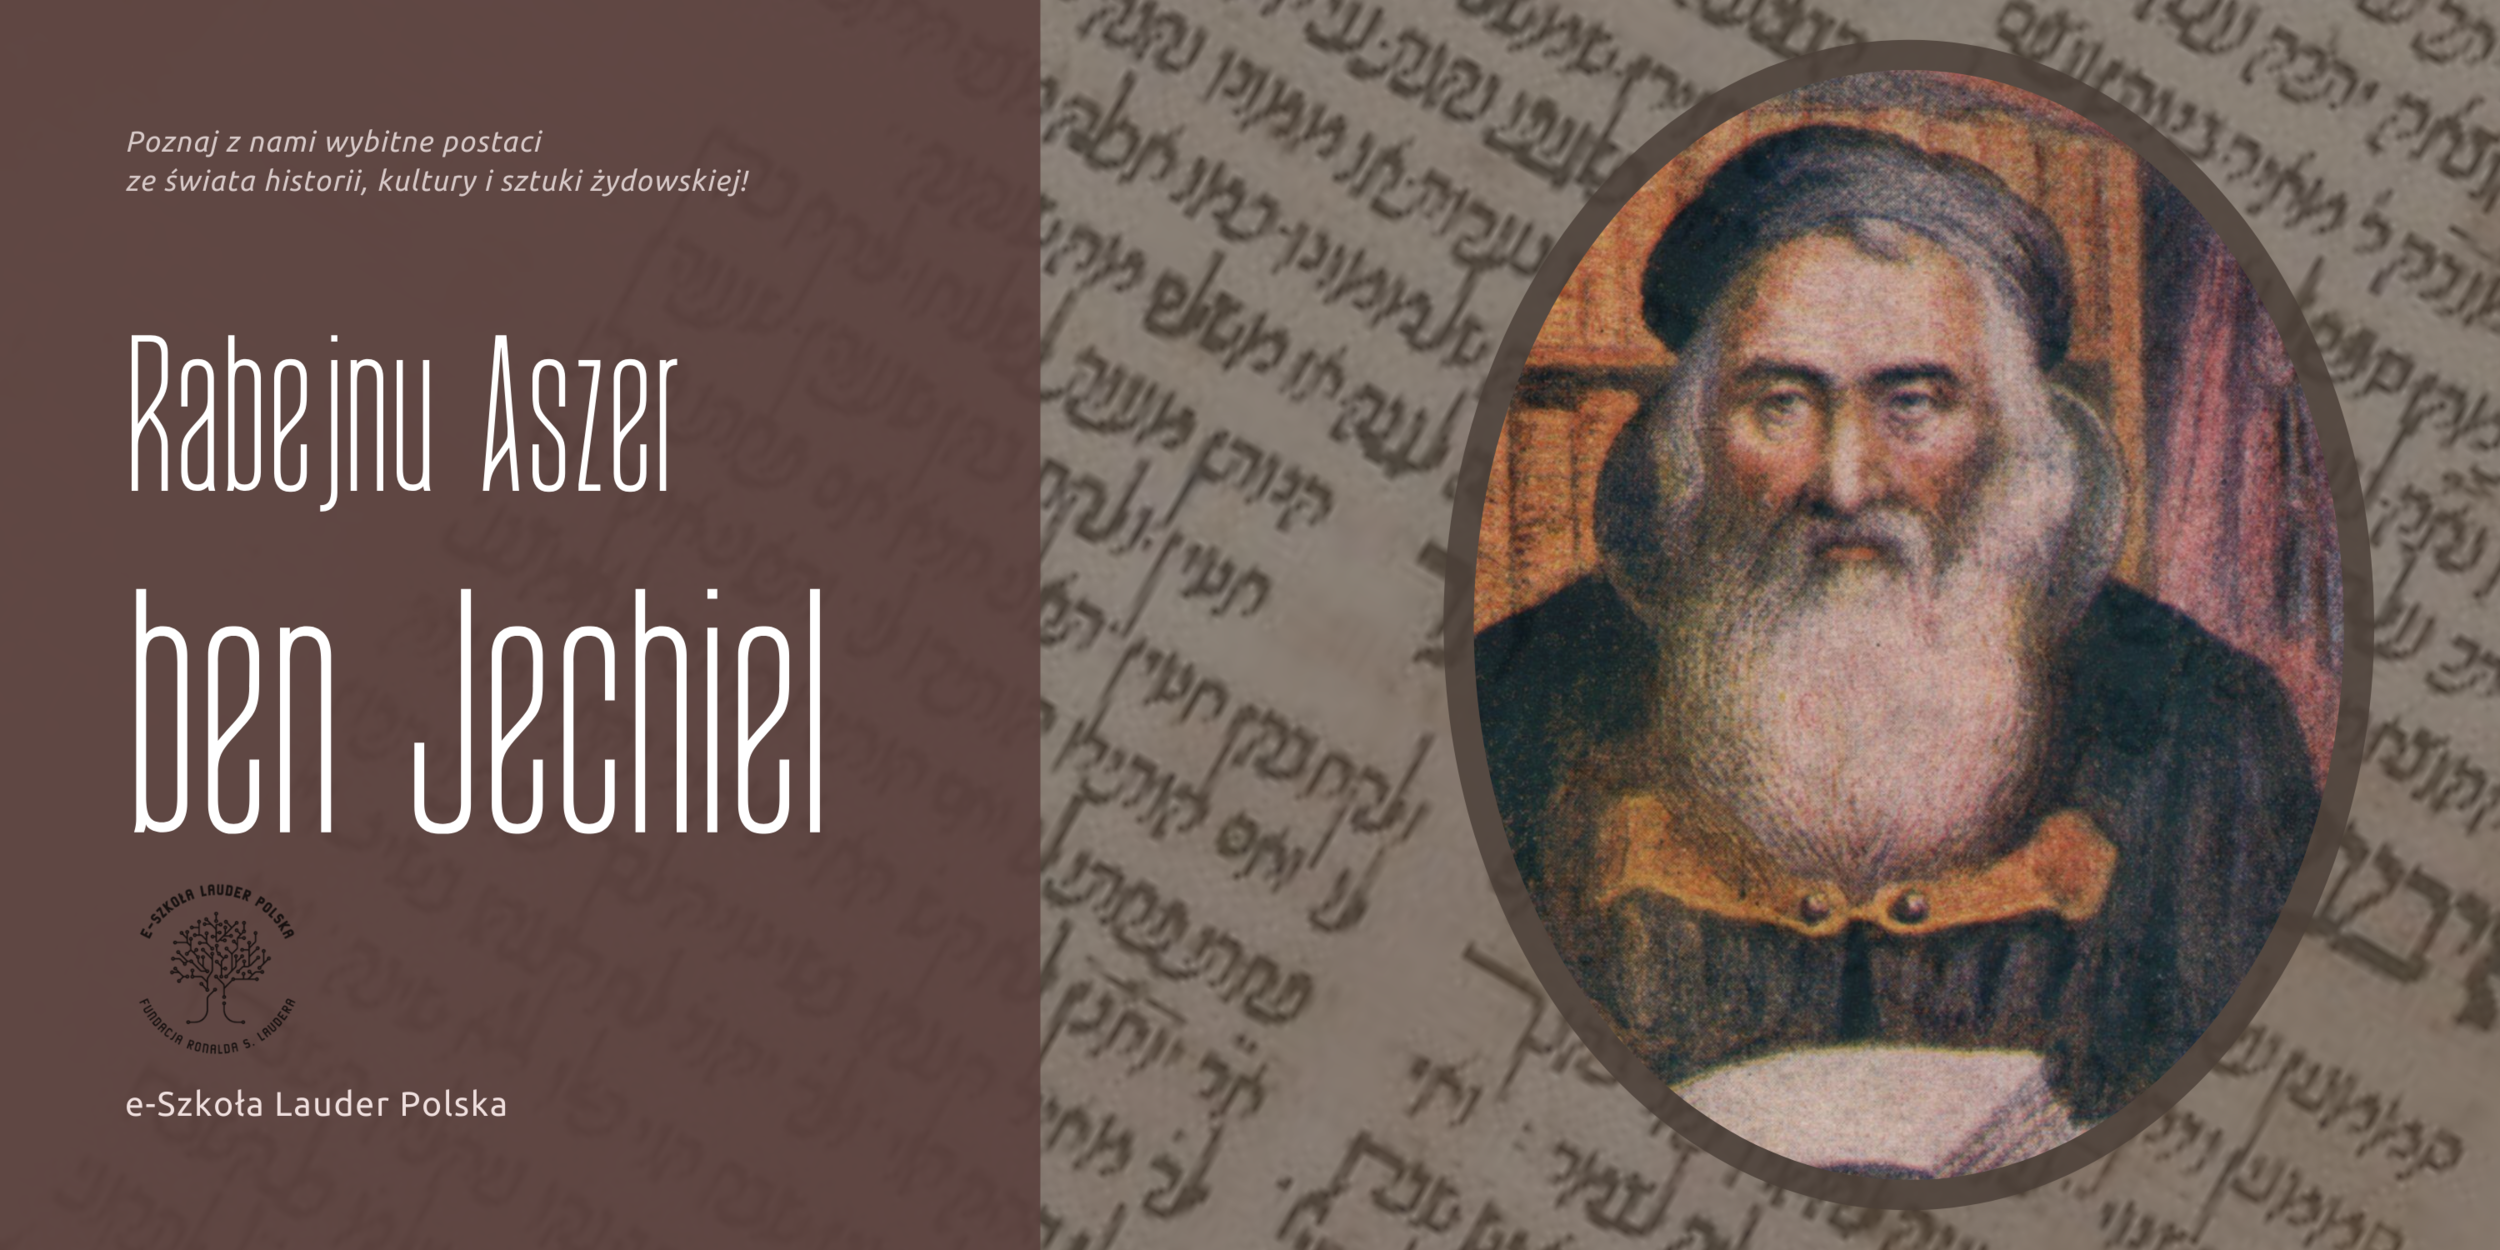 Rabejnu Aszer ben Jechiel – wybitny talmudysta i halachista